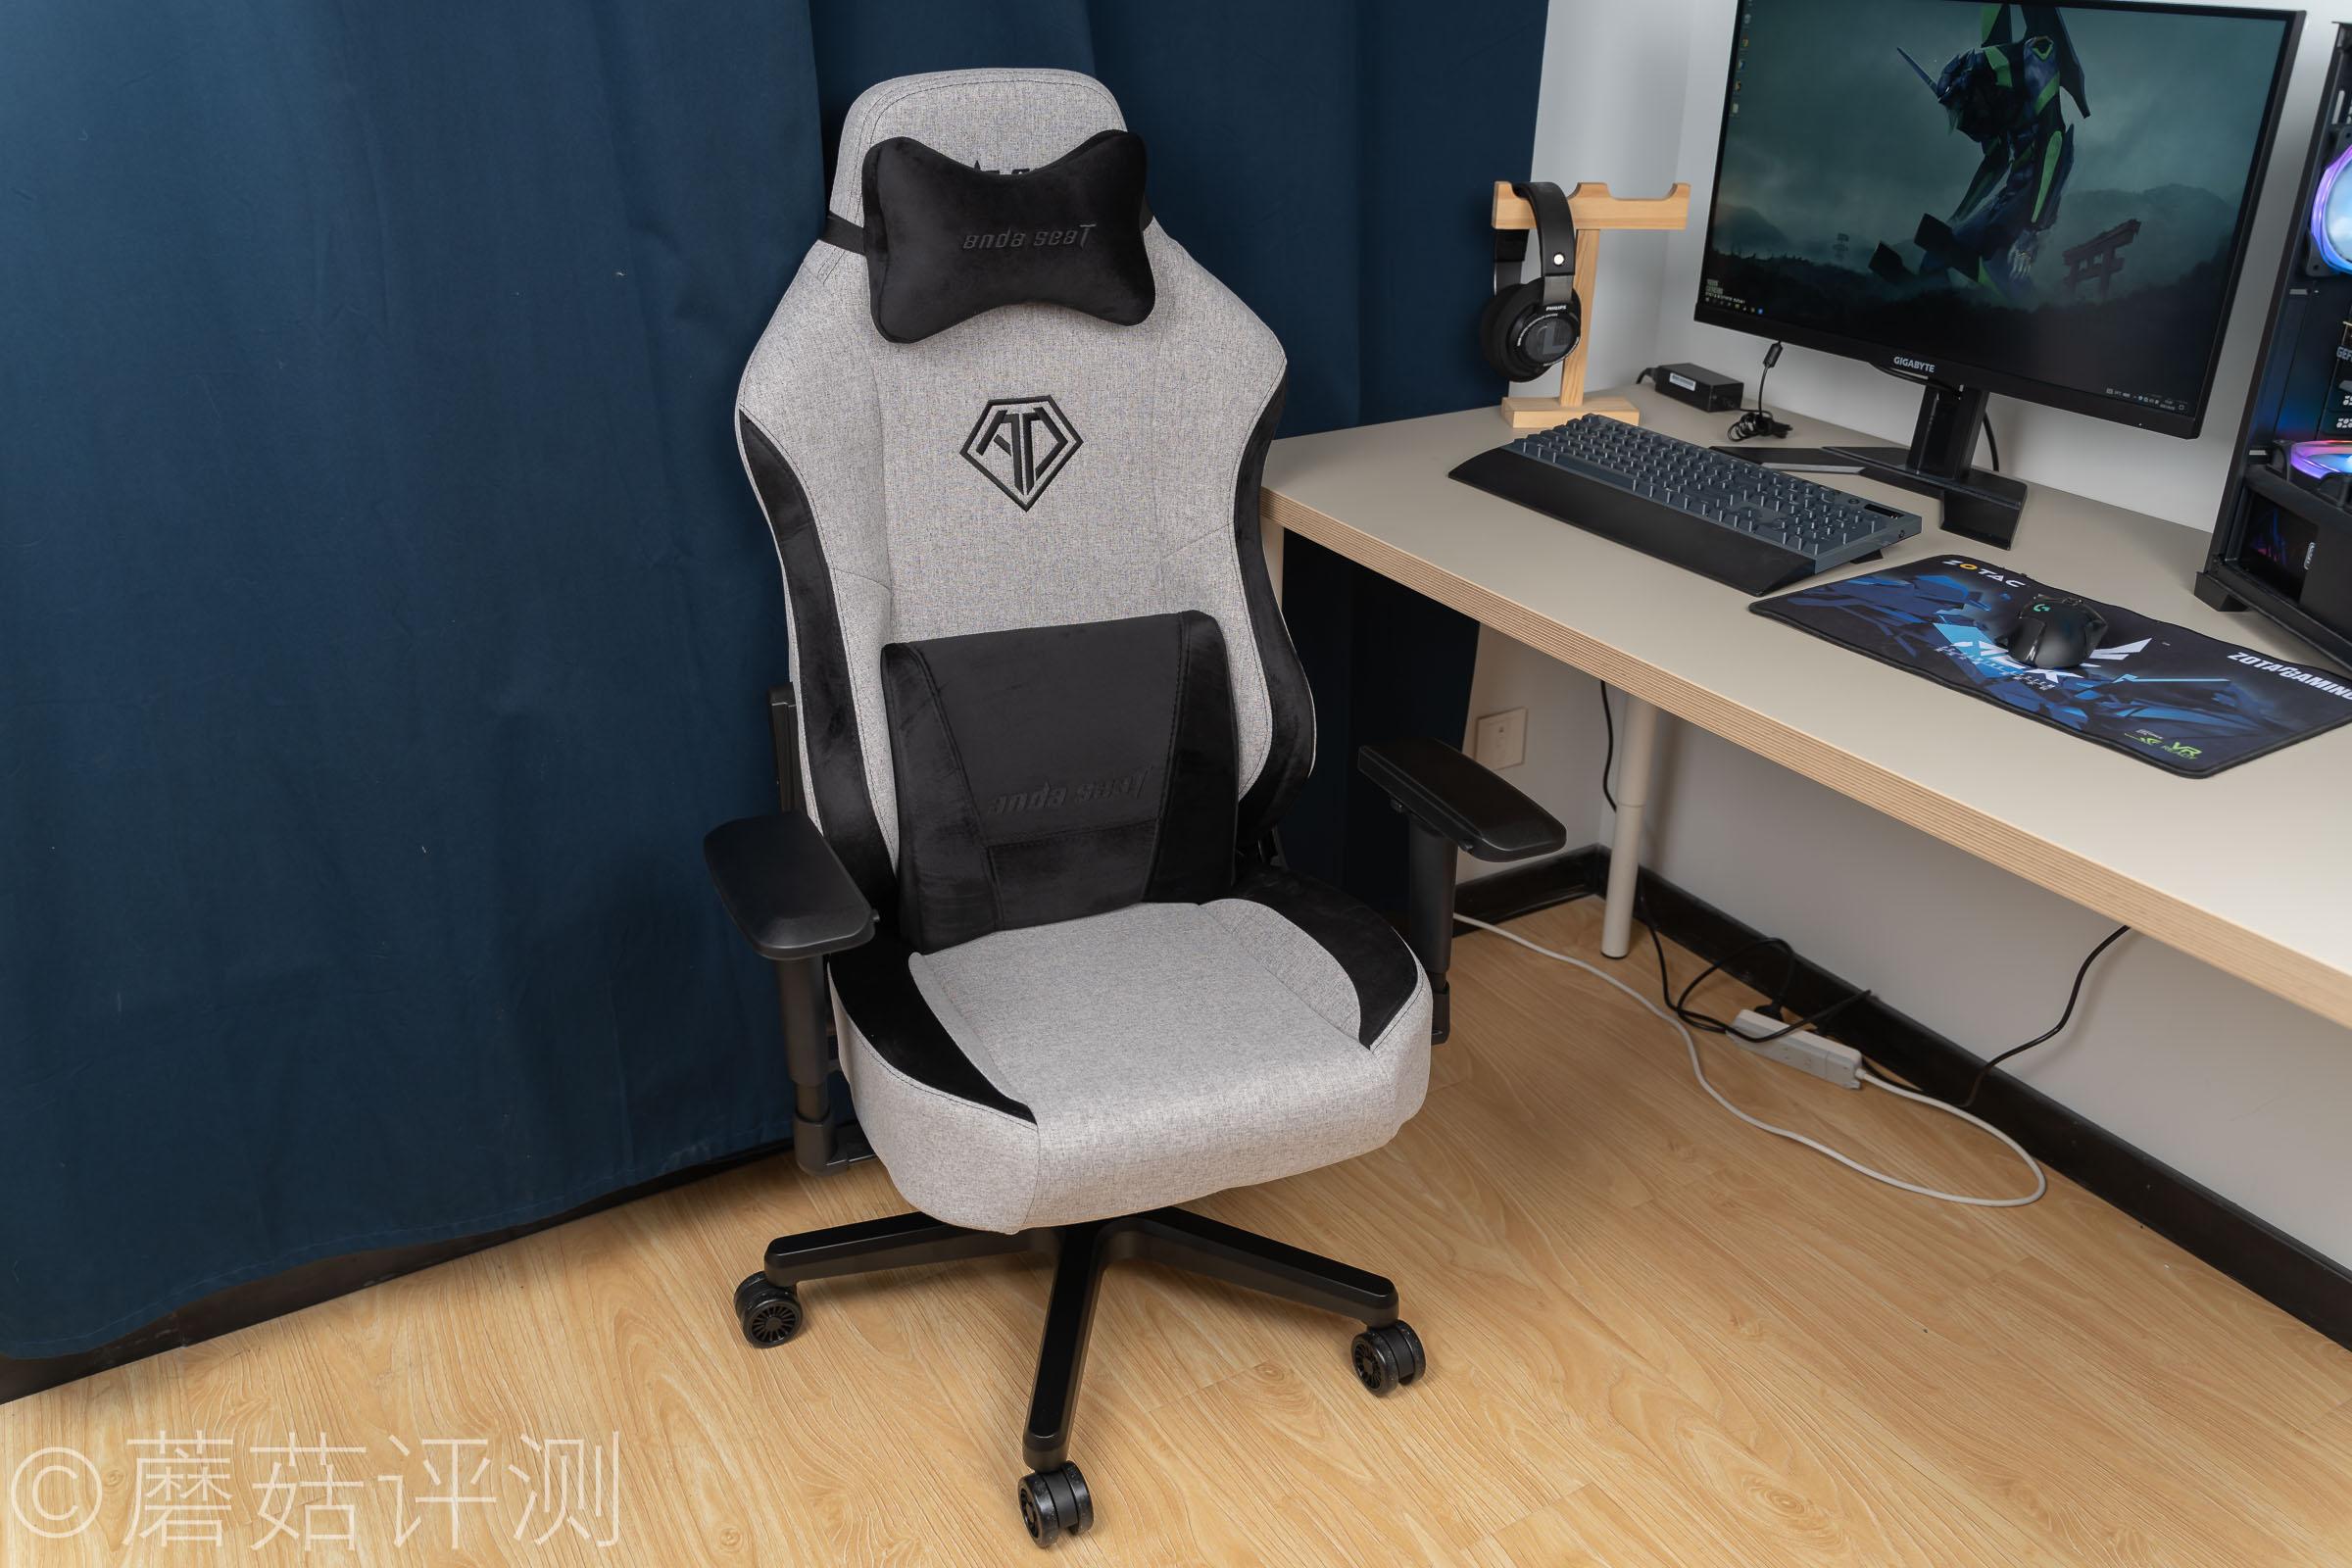 触感细节,宽大舒适、安德斯特北欧布艺电竞椅 体验评测